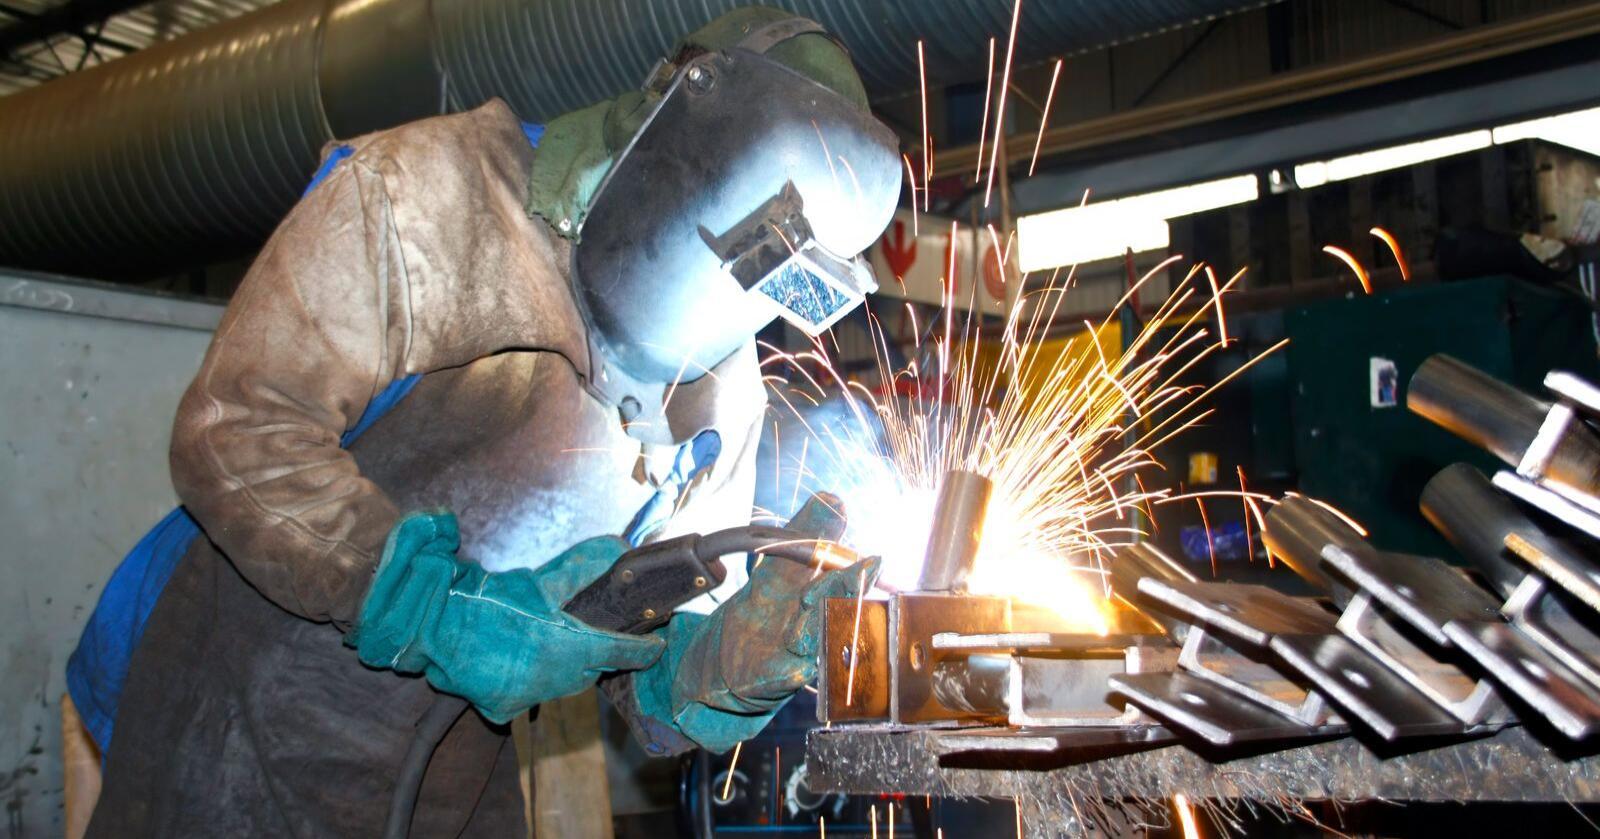 Hele arbeidslivet: Husk at bemanningsbransjen er til stede i hele arbeidslivet og ikke bare i bygg, skriver innsenderen.